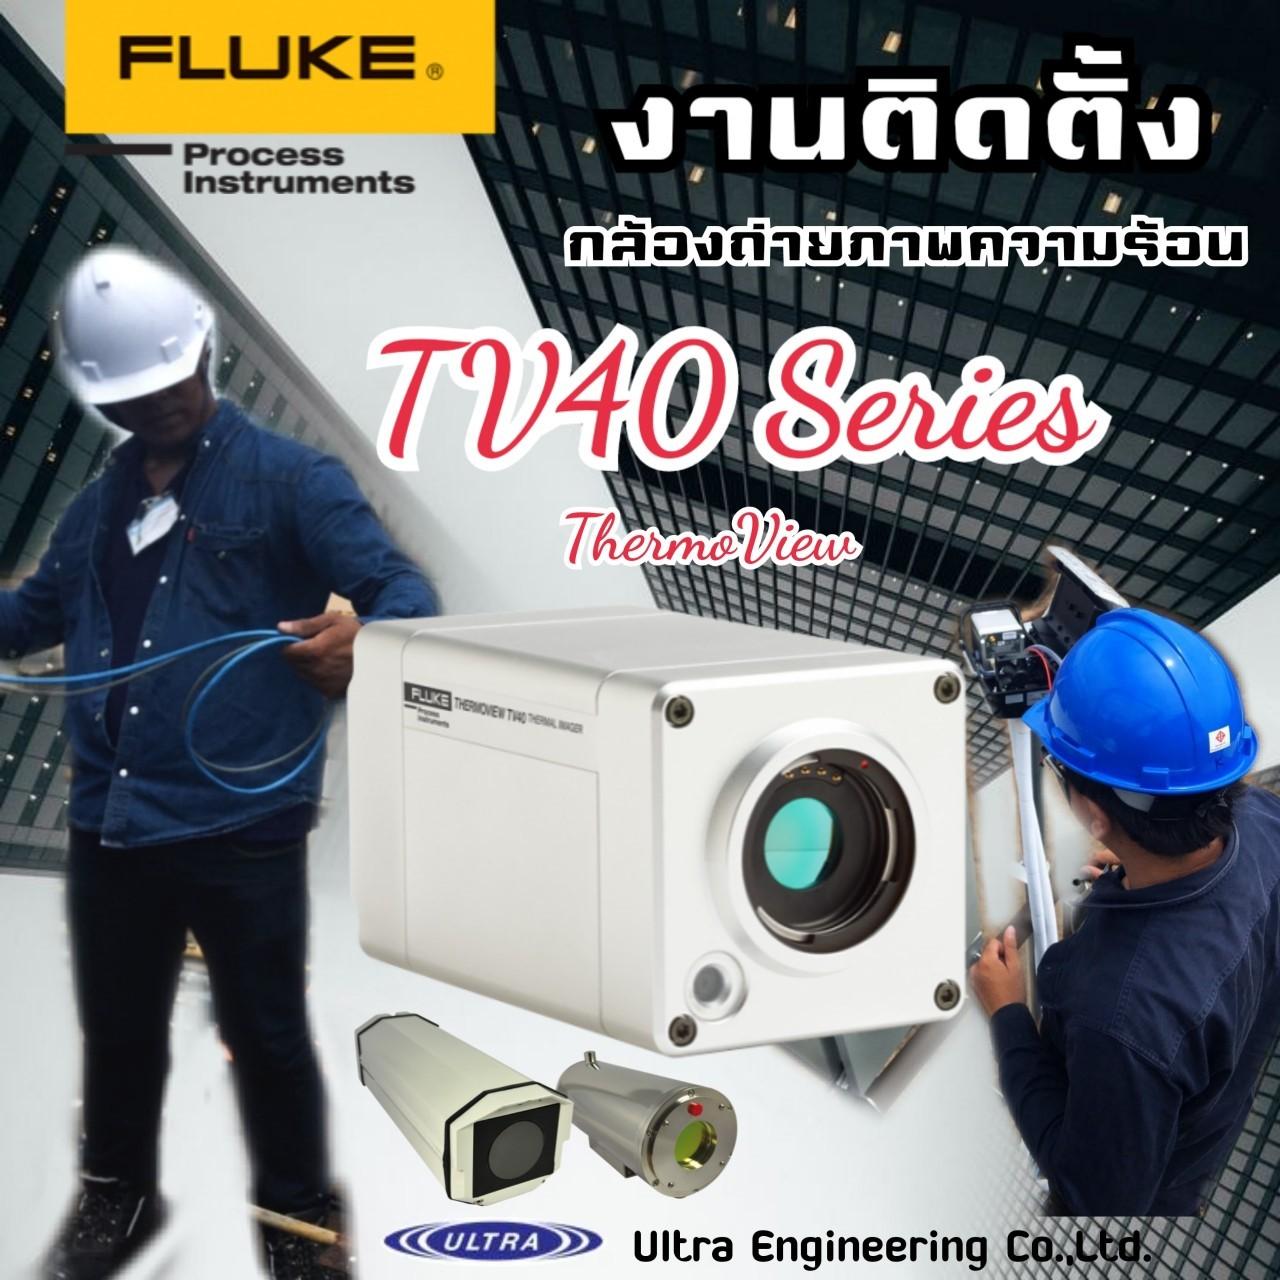 ส่งสินค้าพร้อมติดตั้งเครื่องมือกล้องถ่ายภาพความร้อน TV 40 Series